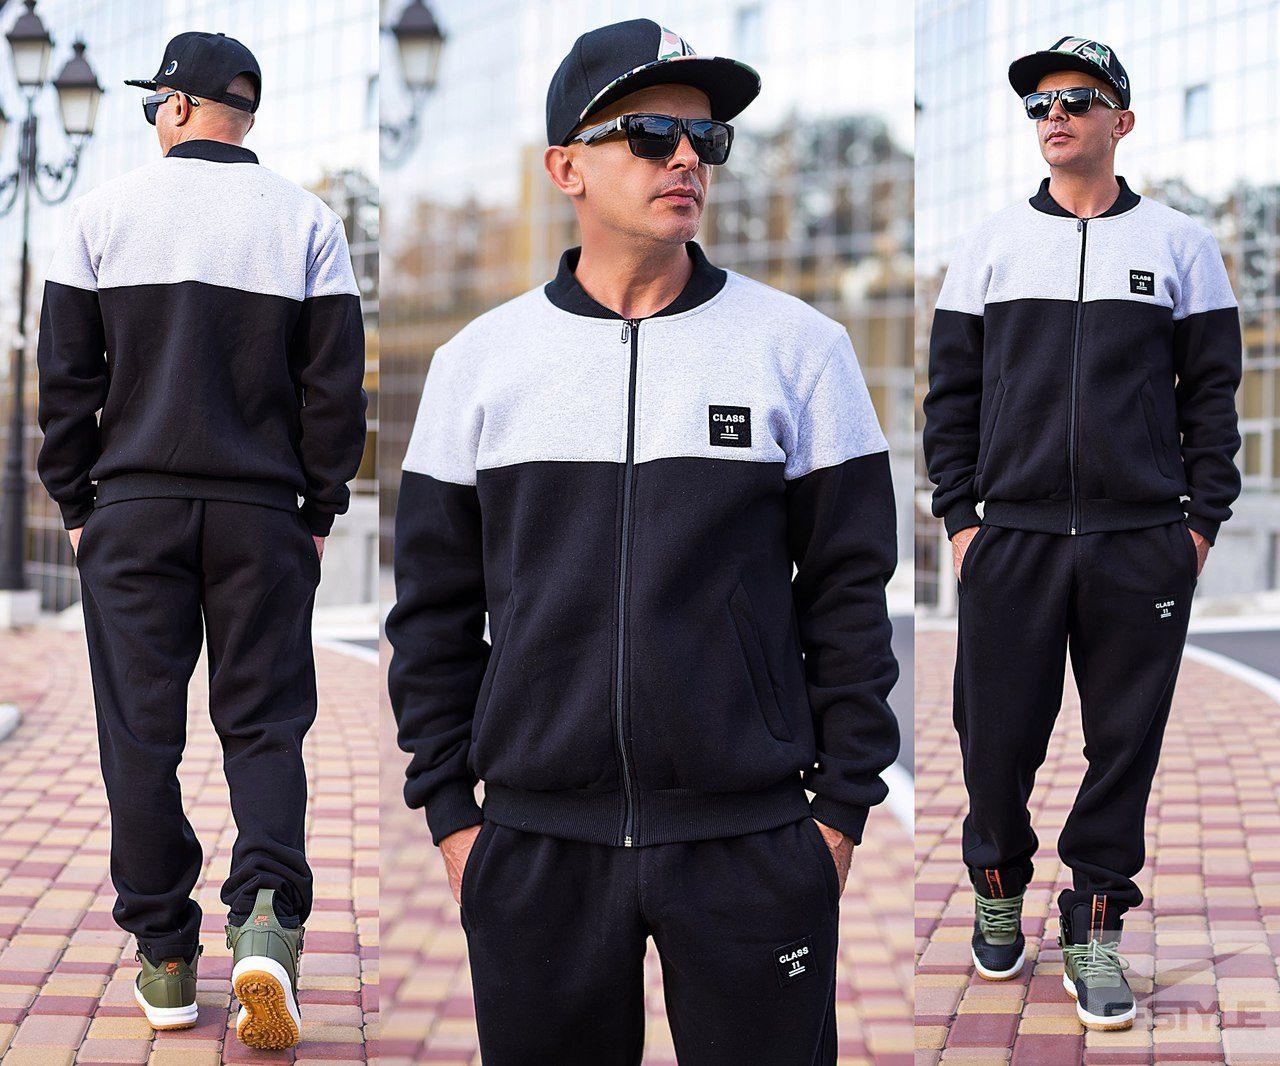 Спортивные костюмы также отлично вписываются в кэжуал стиль, создавая  комбинации из джинс и тренировочных кофт, спортивных штанов и кардигана. 5dedebe8a81